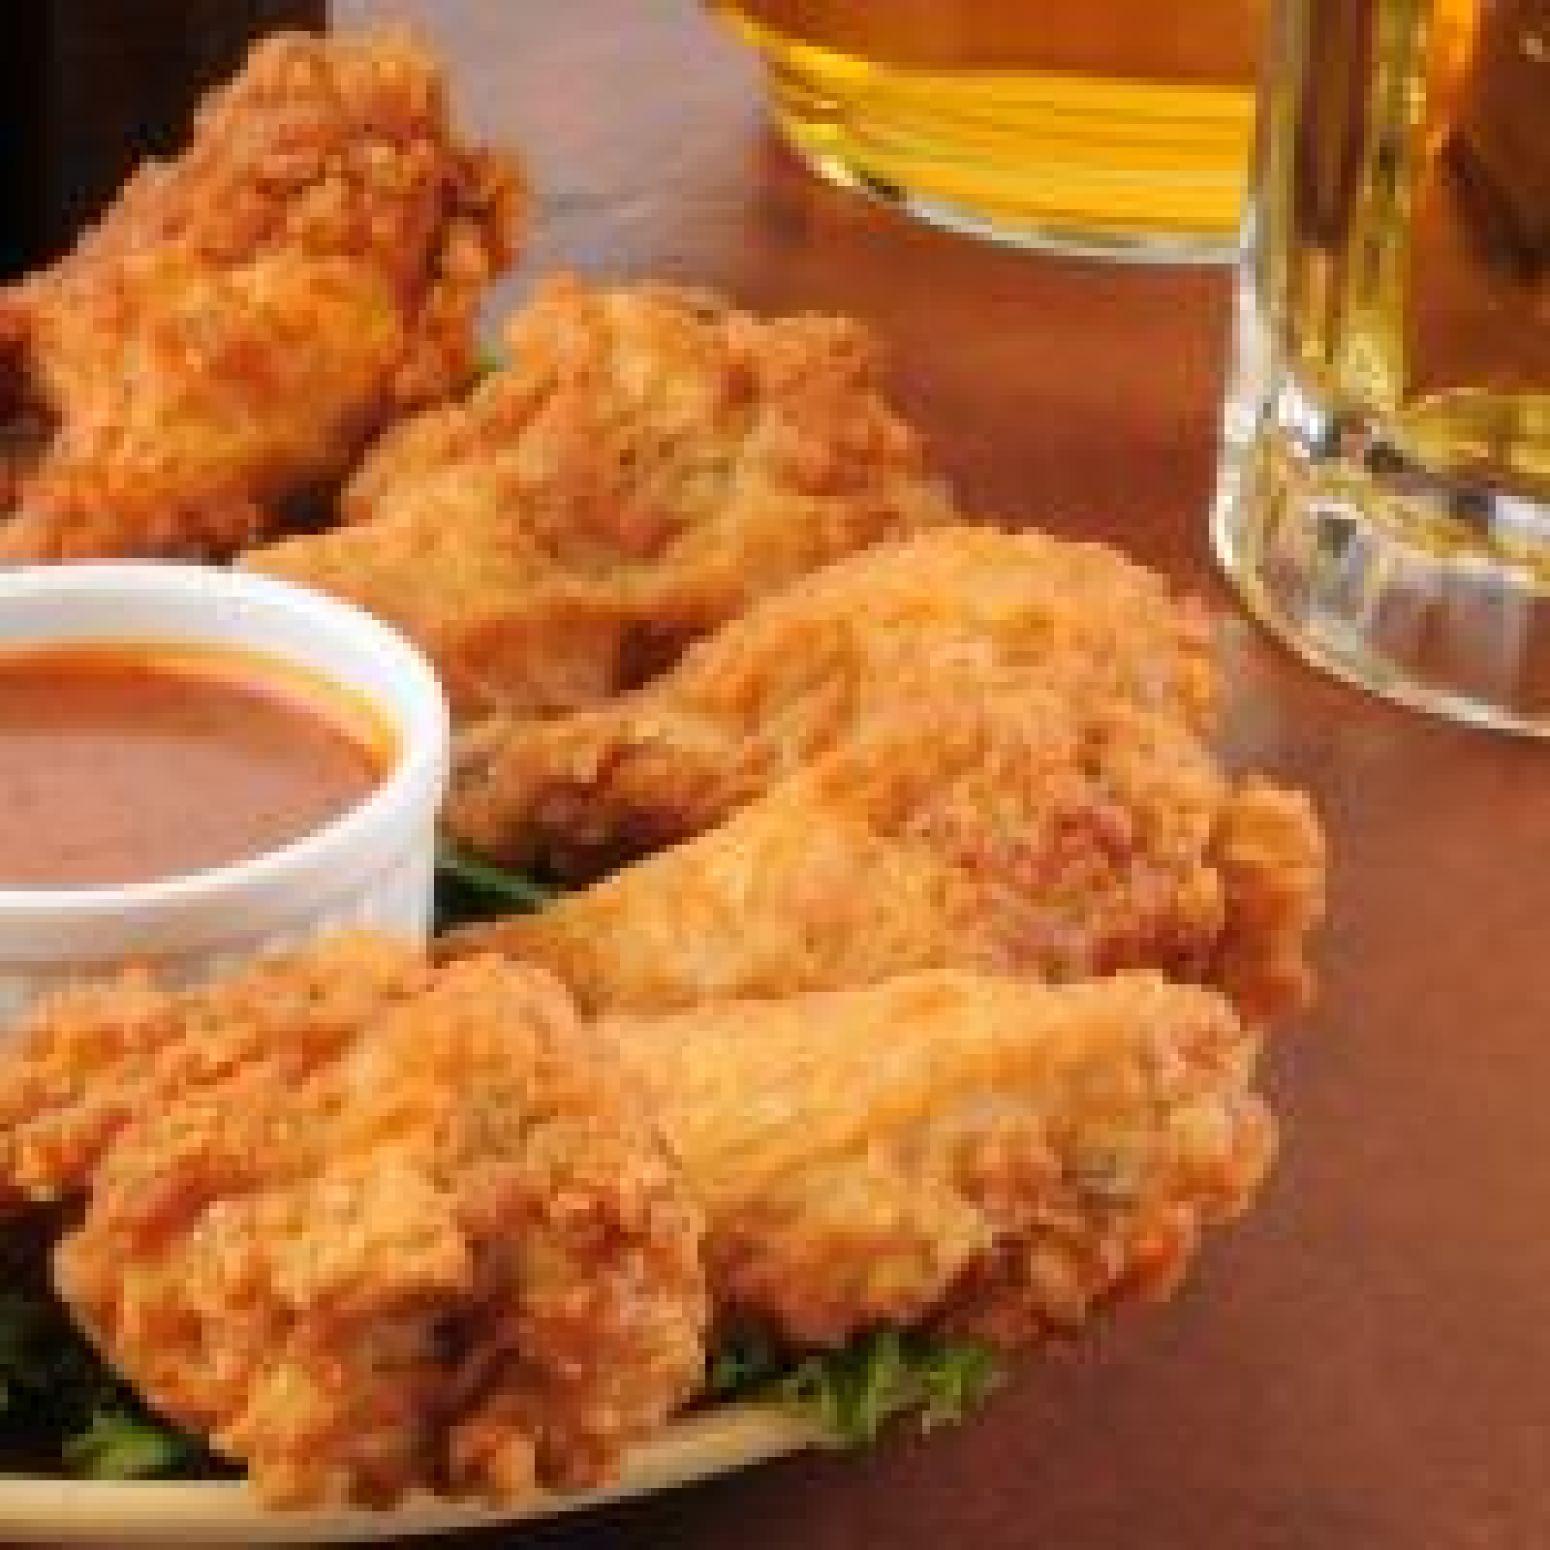 Restaurantinspired buffalo chicken wings recipe 2 just a for Buffalo fish taste